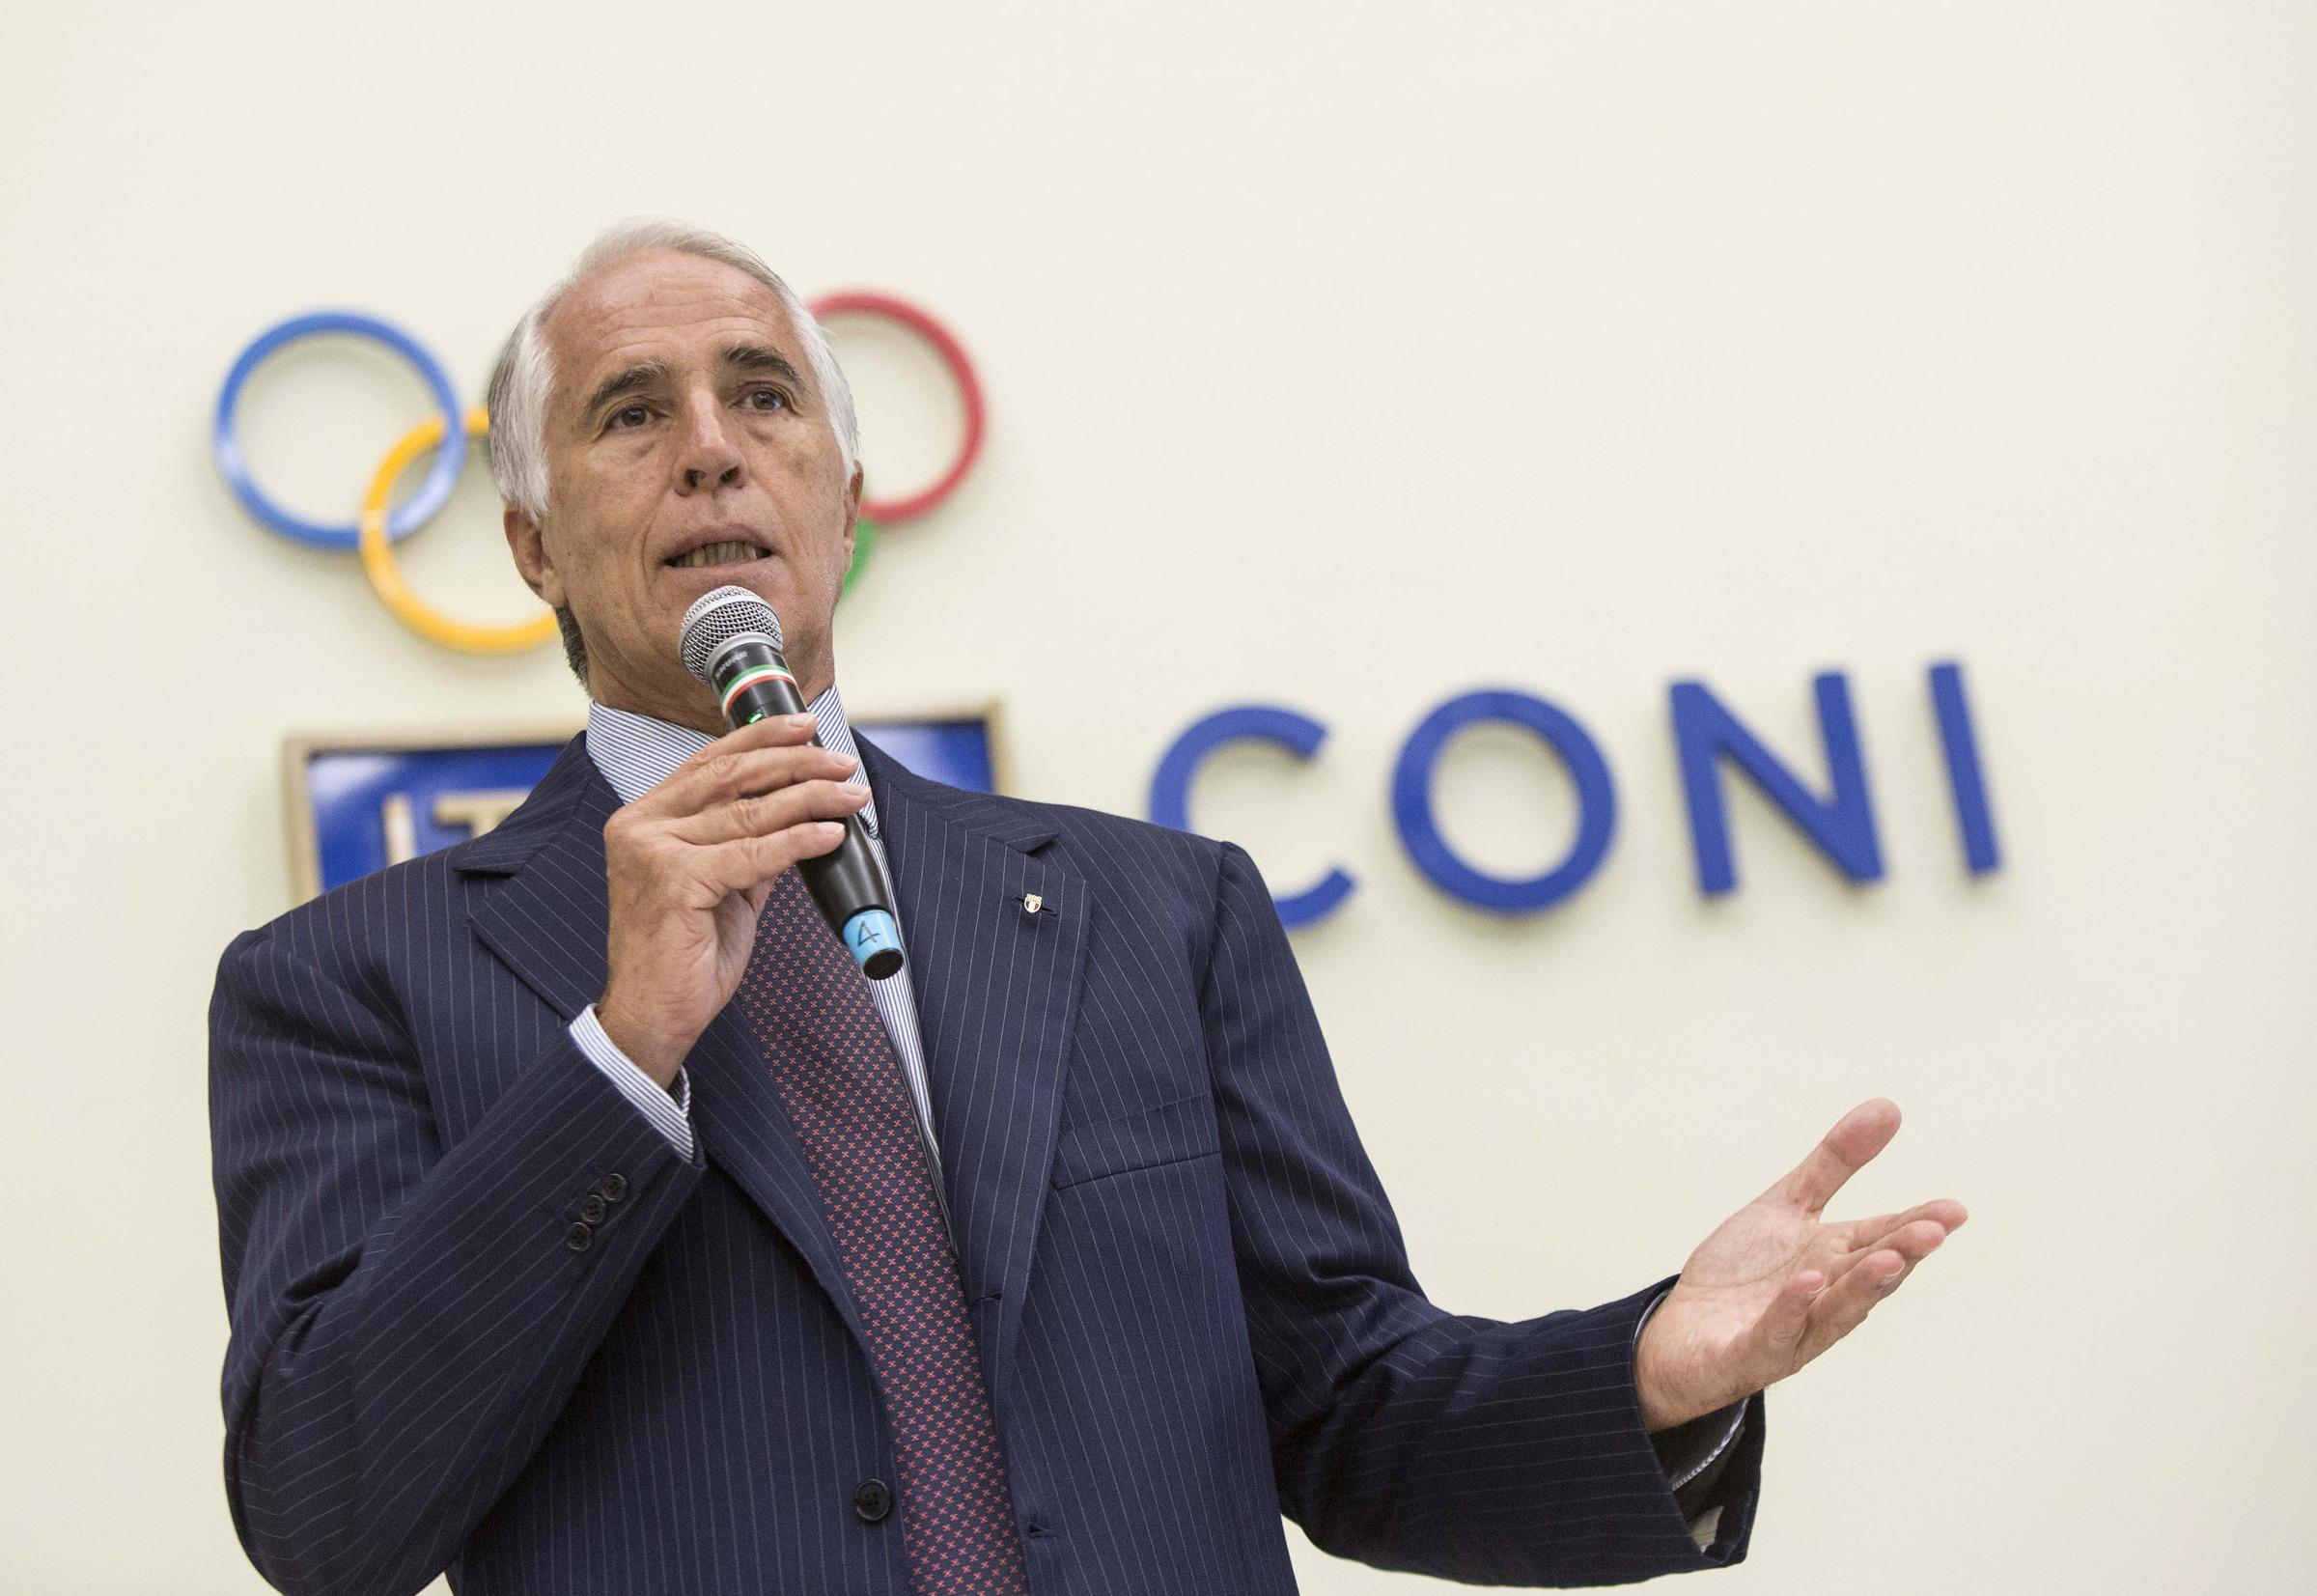 Olimpiadi Tokyo, l'Italia è salva: Cdm approva decreto legge sull'autonomia del Coni